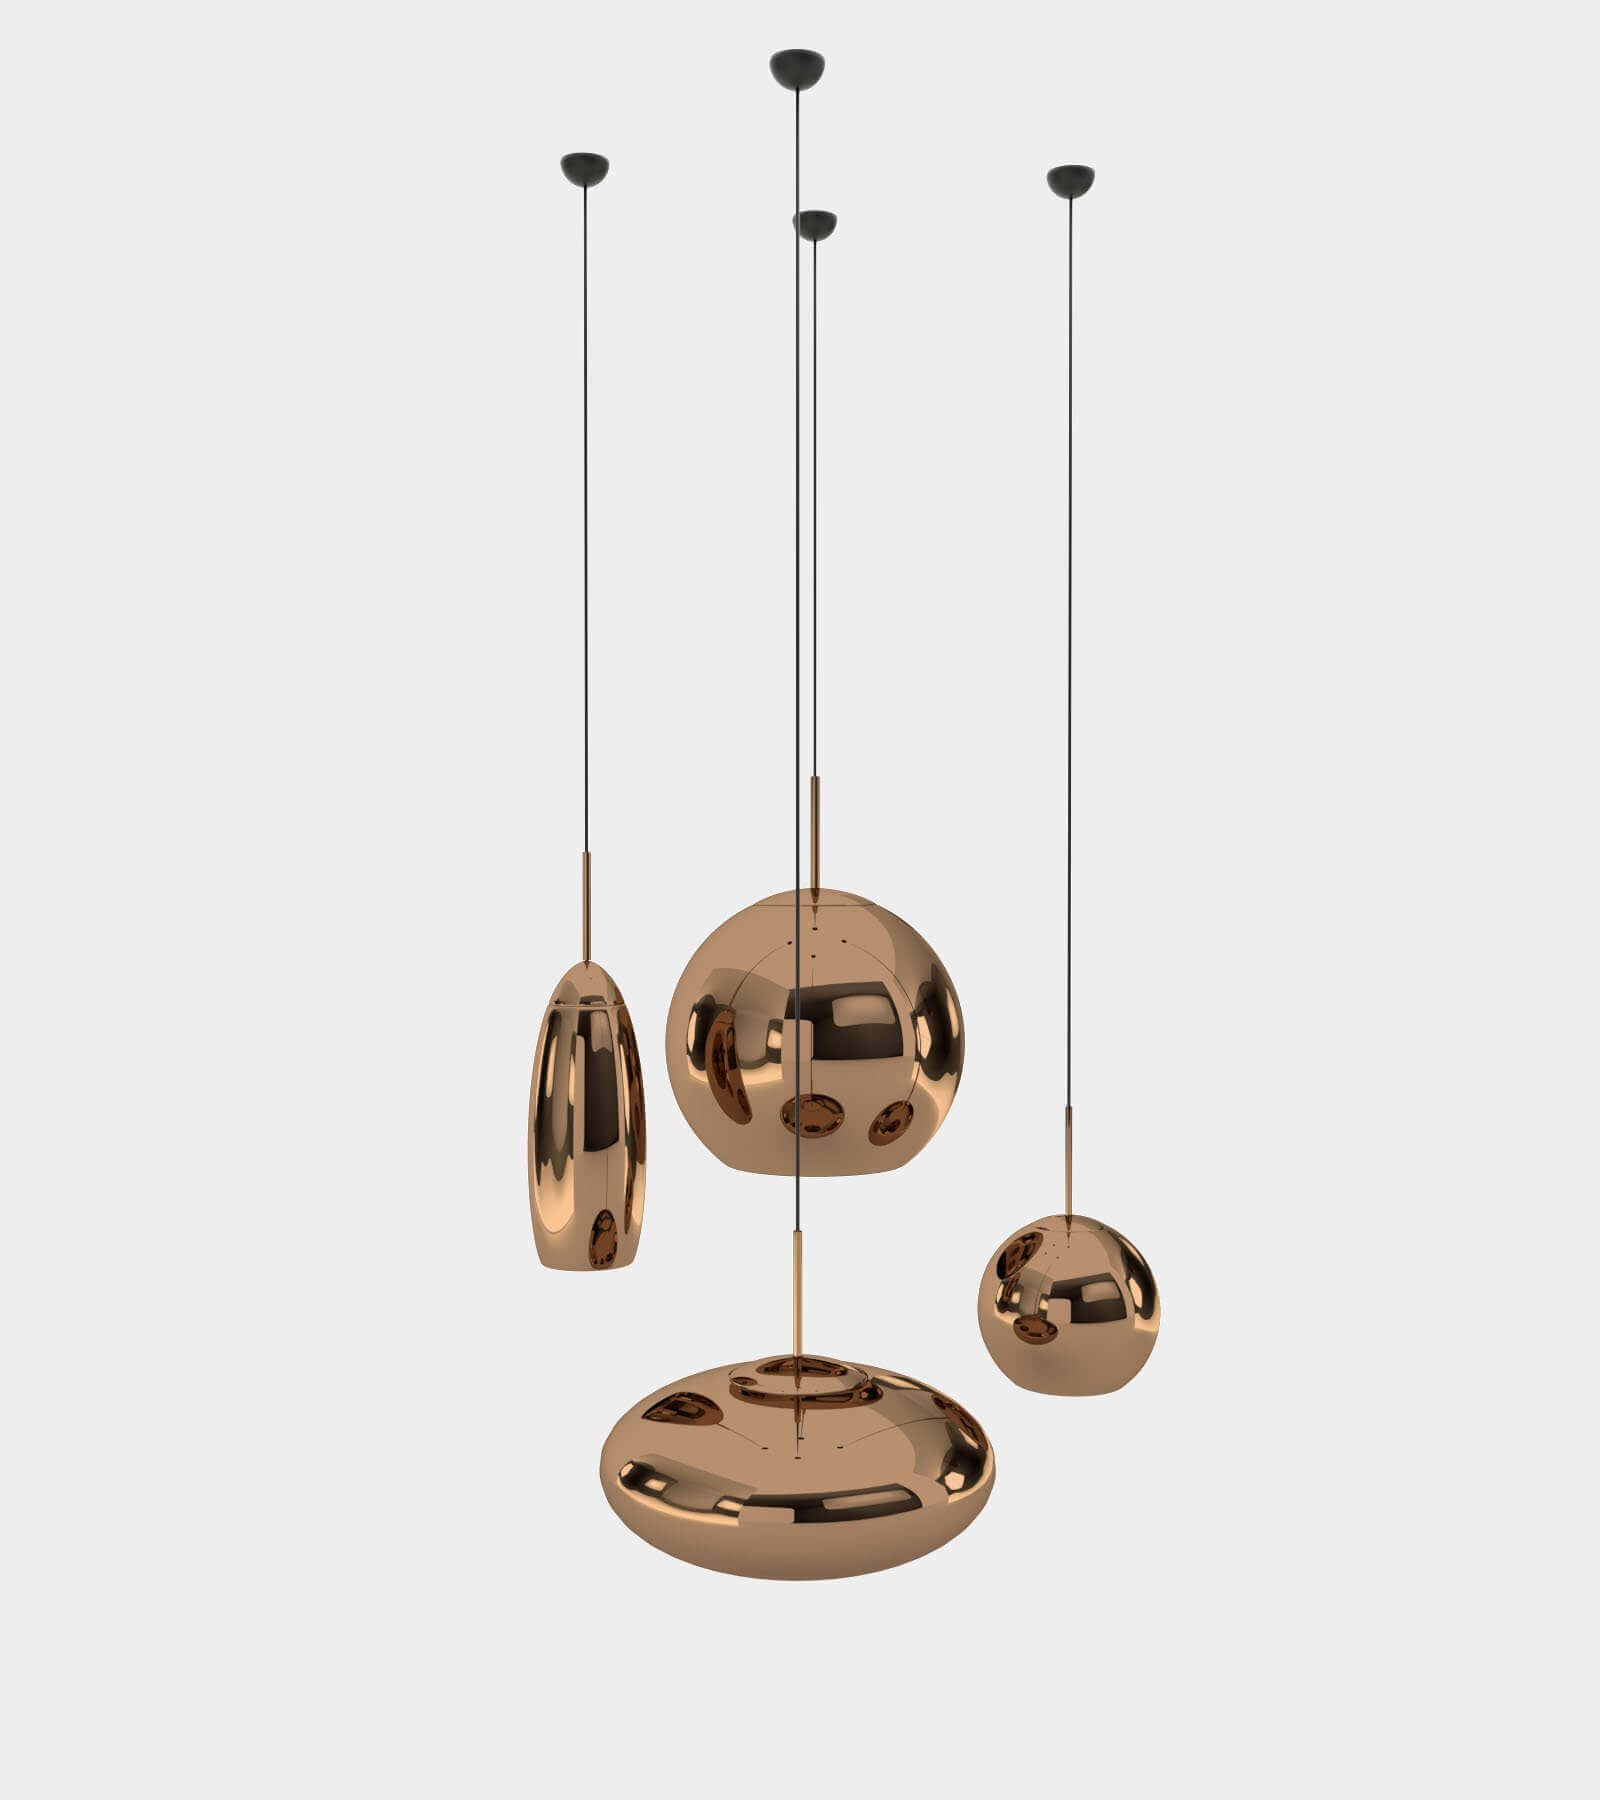 Copper round pendant lamp set 3D Model